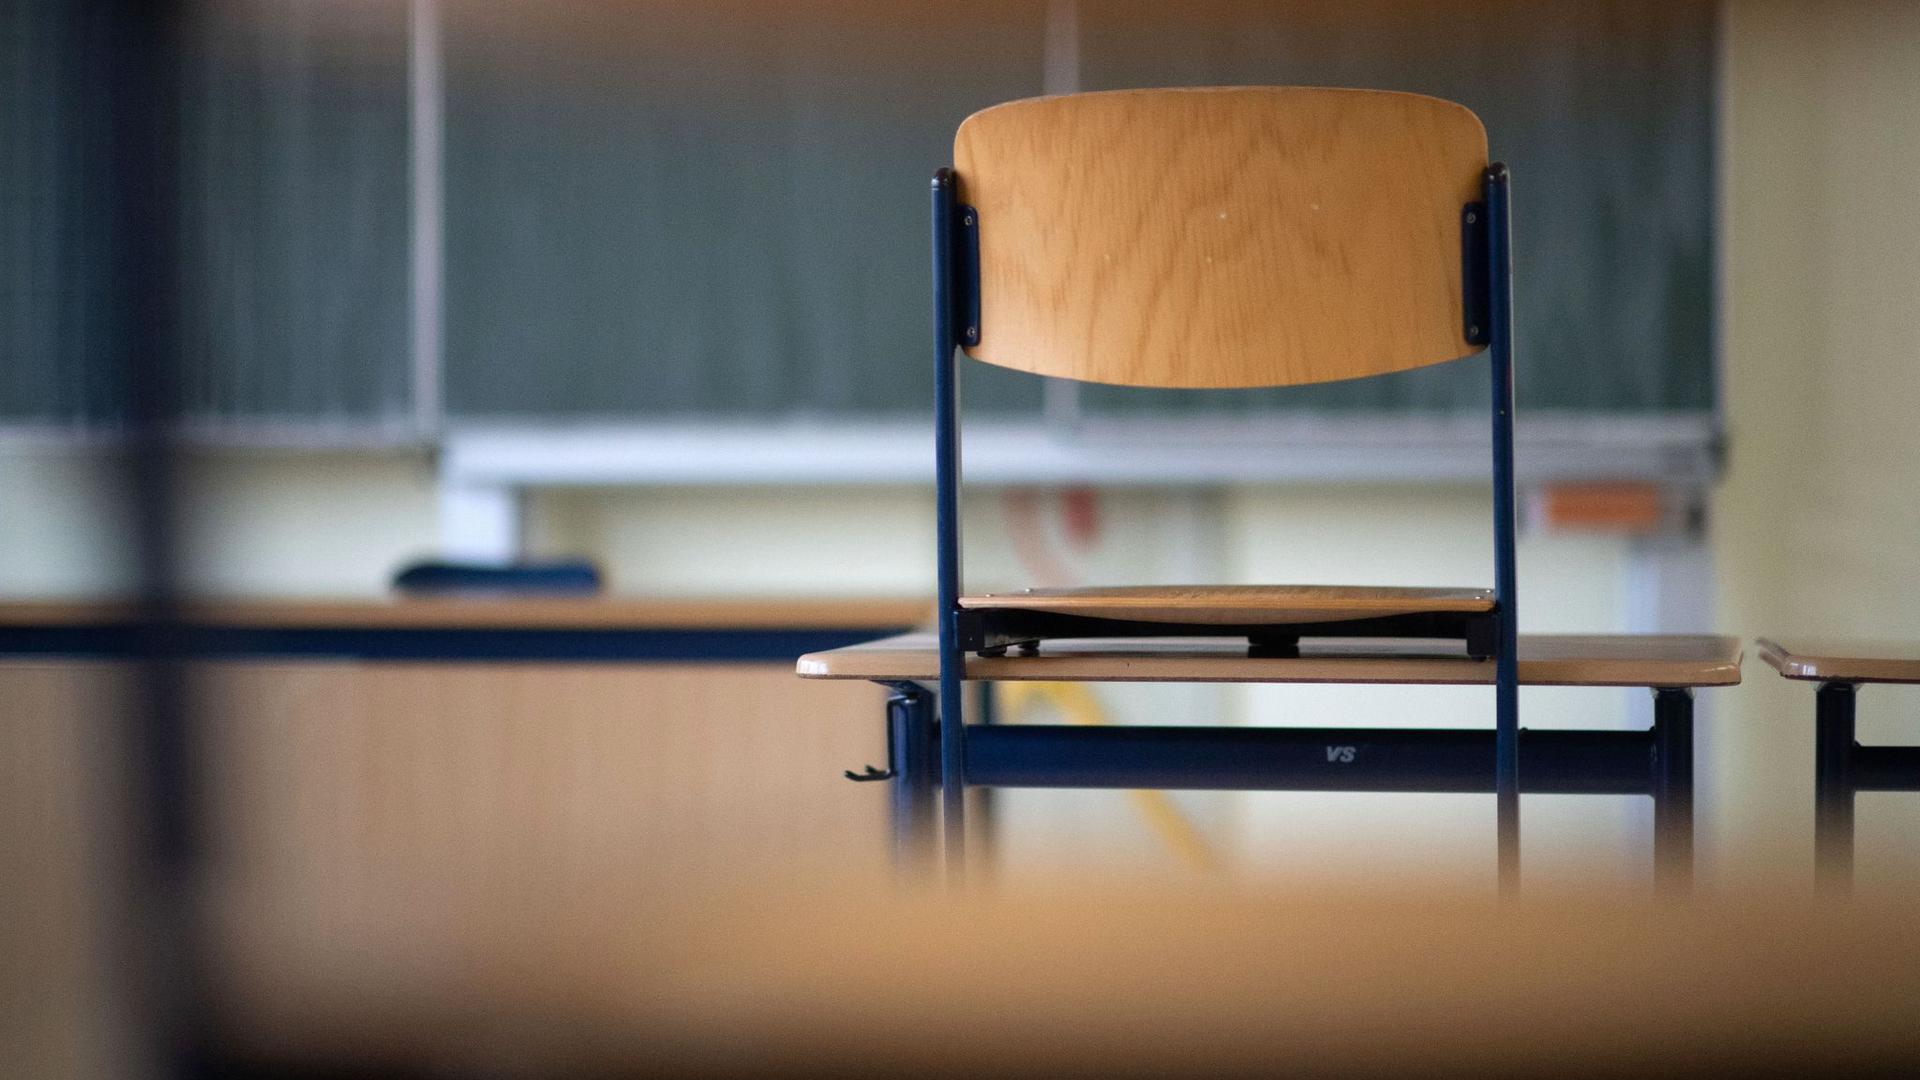 Für Schülerinnen und Schüler sowie Lehrkräfte gelten in den kommenden Wochen unterschiedliche Regeln.